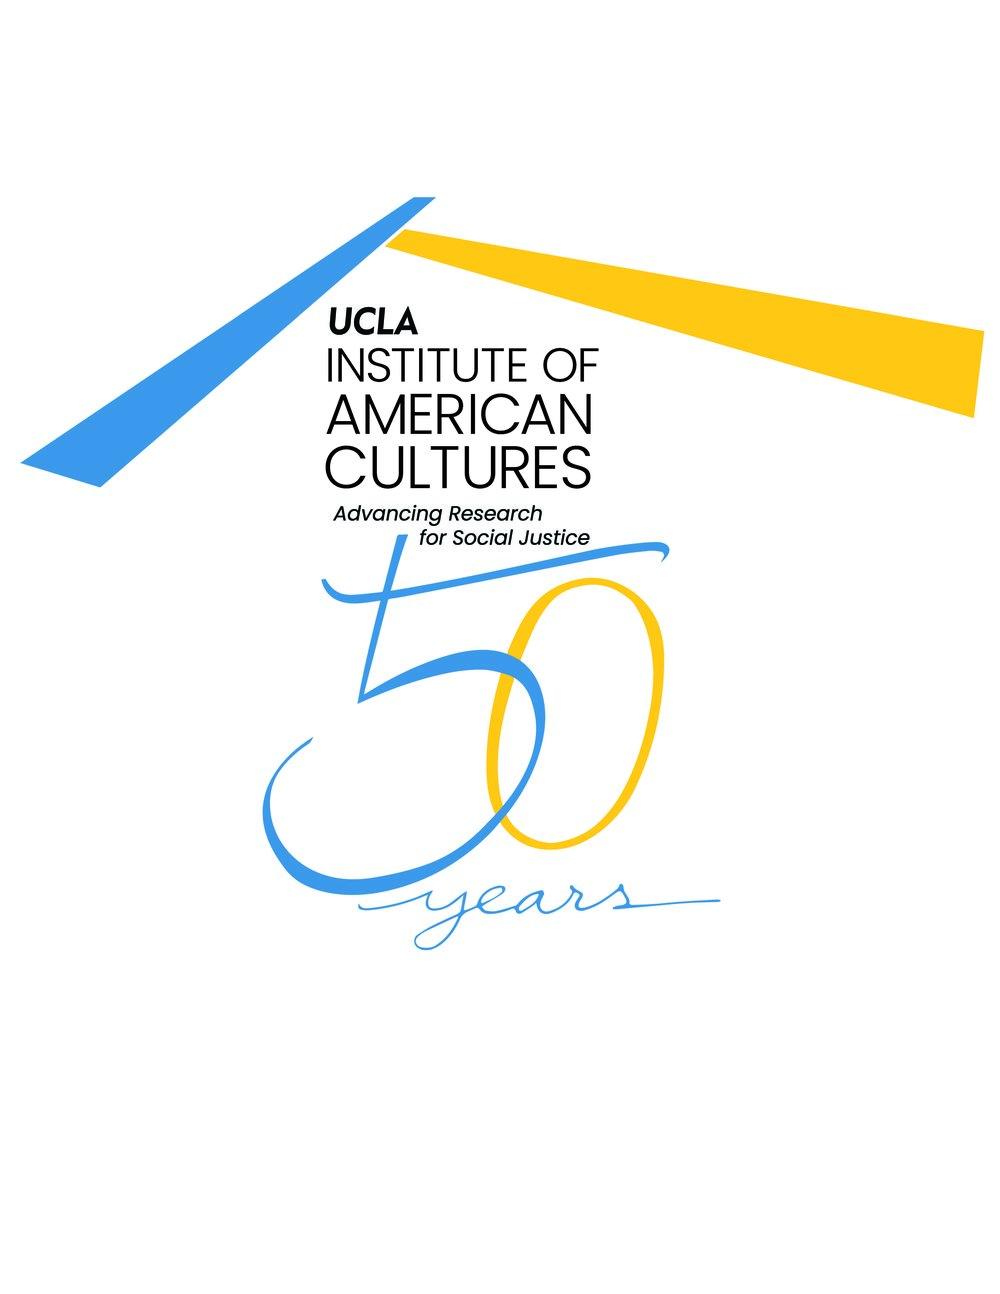 ucla IAC-Logo-50-Years-Revised_3_Page_3.jpg